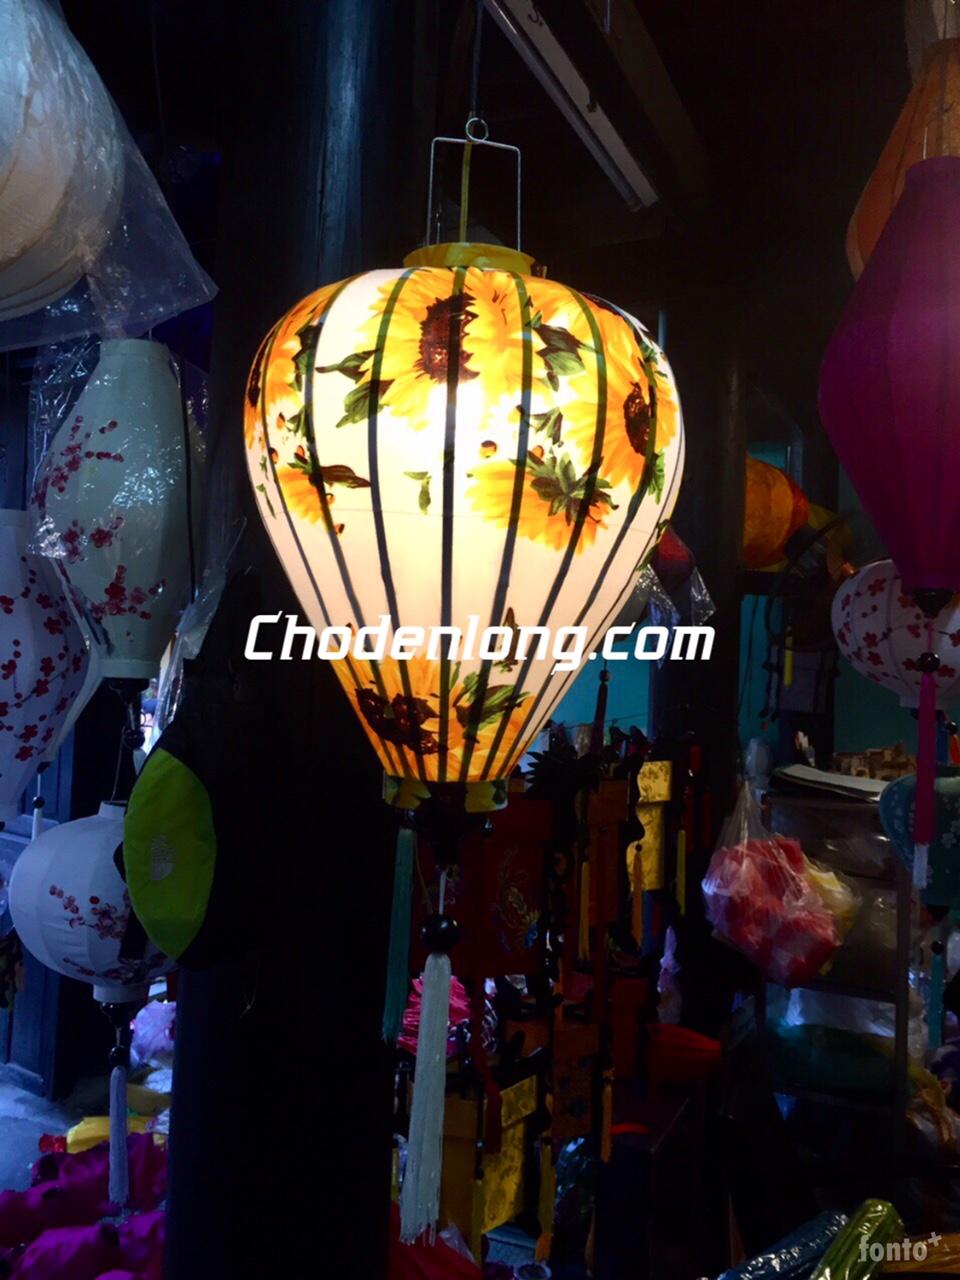 Đèn lồng Hội An vải hoa - Hoa hướng dương - VH018